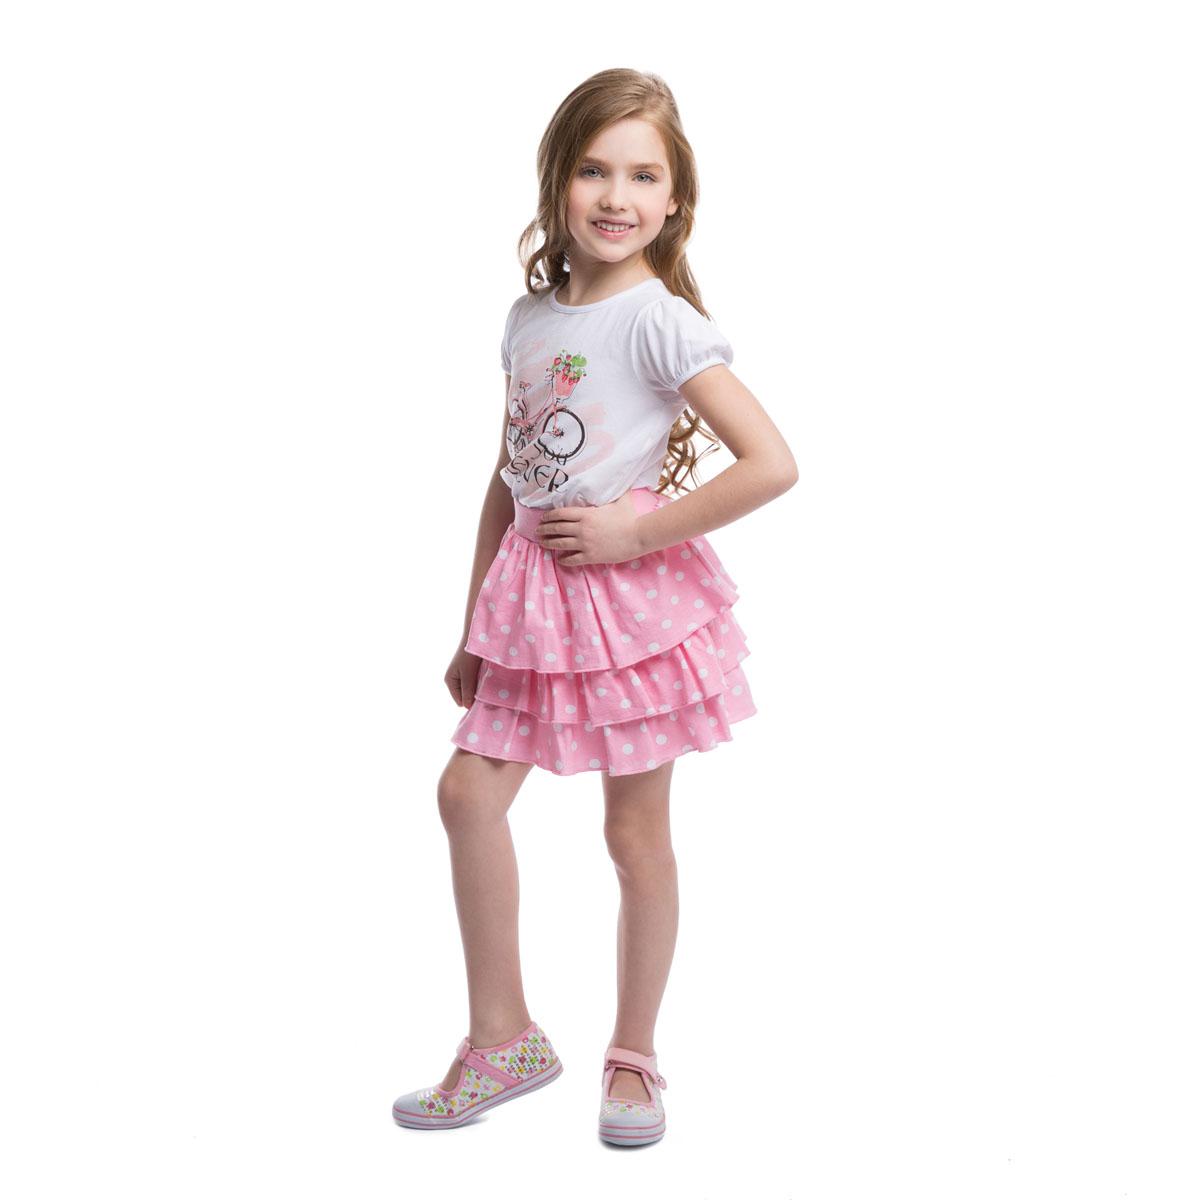 Комплект для девочки: футболка, юбка. 262019262019Комплект для девочки PlayToday, состоящий из футболки и юбочки, идеально подойдет вашей дочурке и станет отличным дополнением к детскому гардеробу. Изготовленный из эластичного хлопка, он необычайно мягкий и приятный на ощупь, не раздражает нежную кожу ребенка и хорошо вентилируется, а эластичные швы приятны телу и не препятствуют ее движениям. Футболка с короткими рукавами-фонариками и круглым вырезом горловины оформлена водным принтом с изображением велосипеда и надписями. Низ рукавов дополнен бейками на резинках. Воздушная юбка на талии имеет широкий эластичный пояс, благодаря чему она не сдавливает животик и не сползает. Модель состоит из трех воланов, придающих пышность. Оформлено изделие принтом в горох. Такой комплект идеально подойдет вашей дочурке.